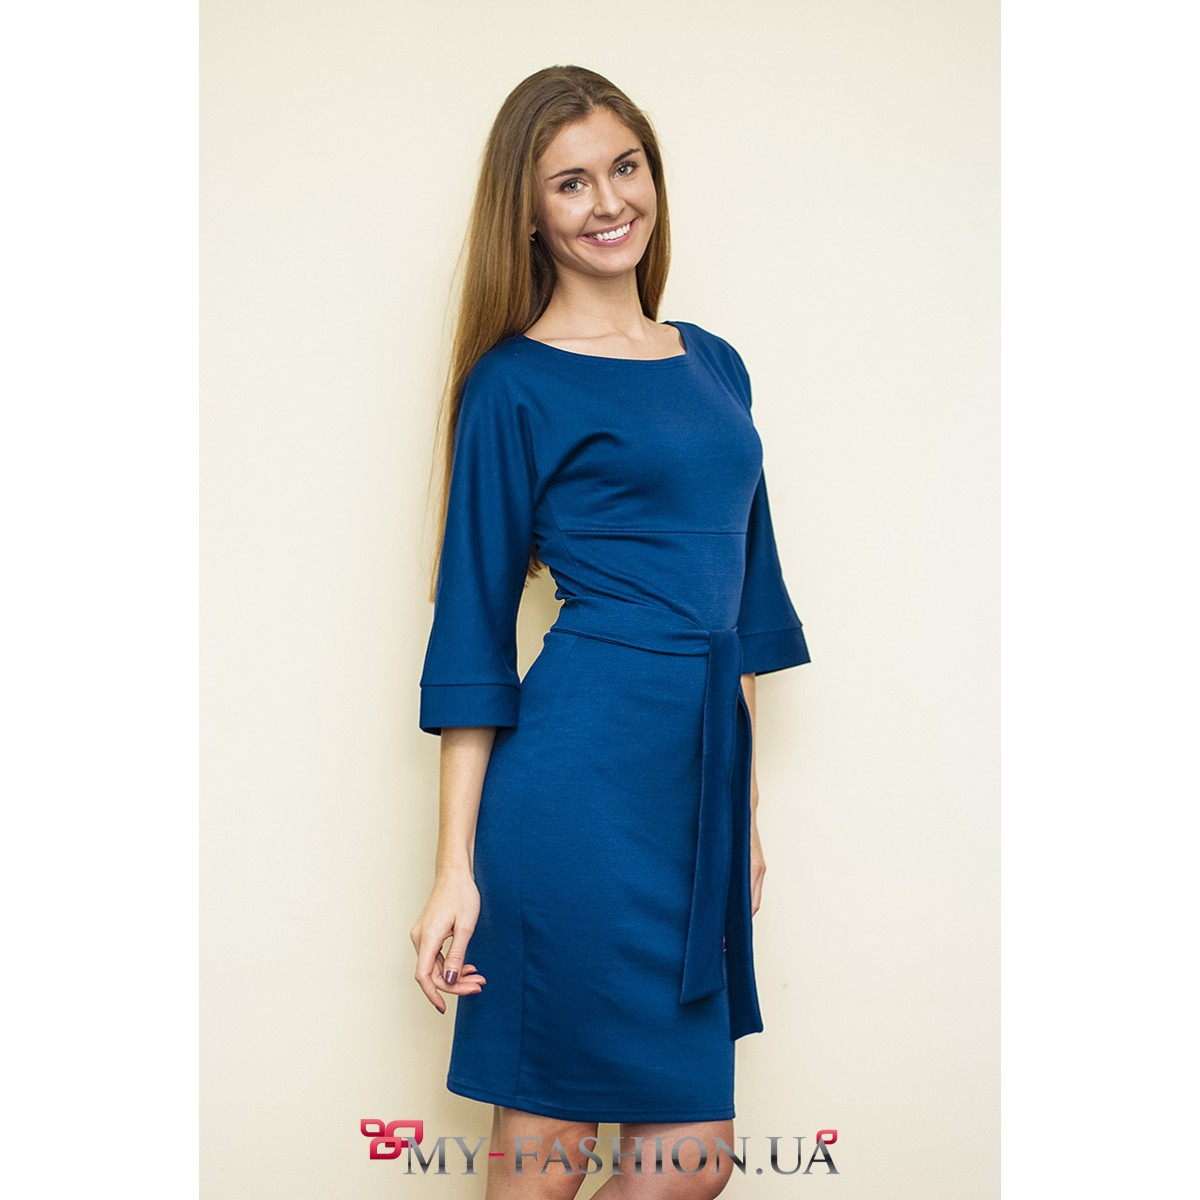 Платье синее с белым